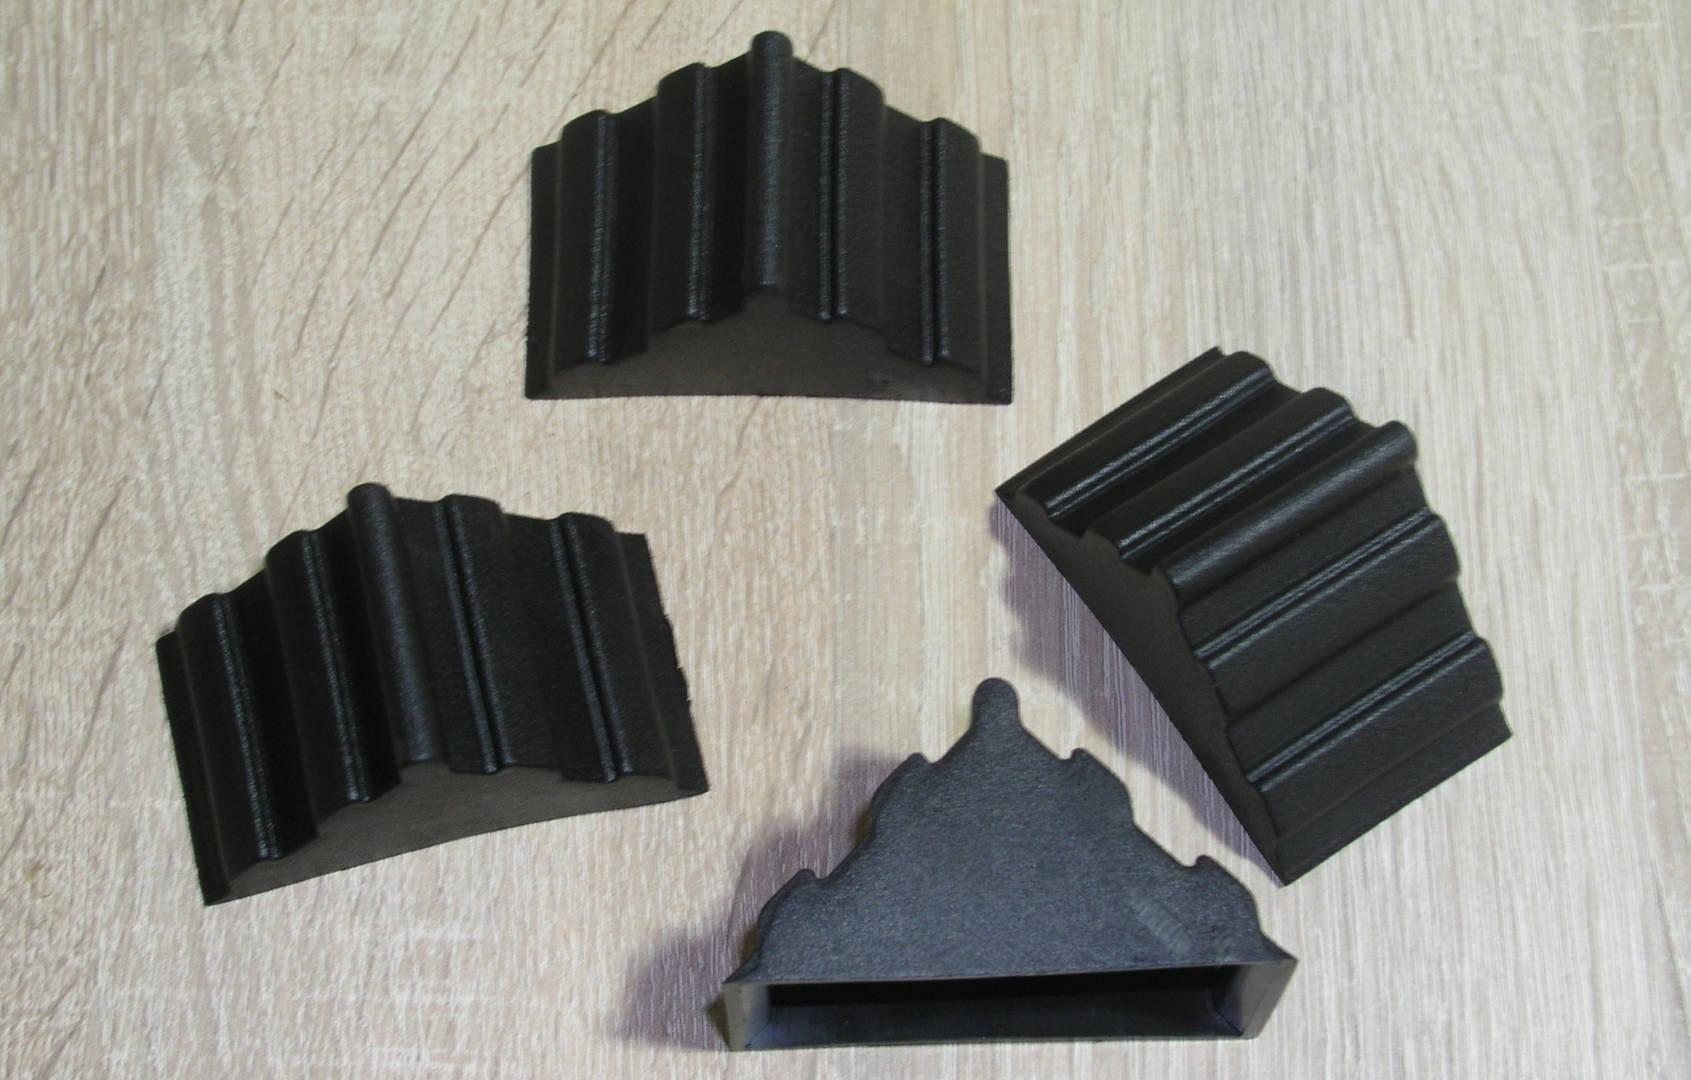 Πλαστικές γωνίες για πάγκους κουζίνας 38mm